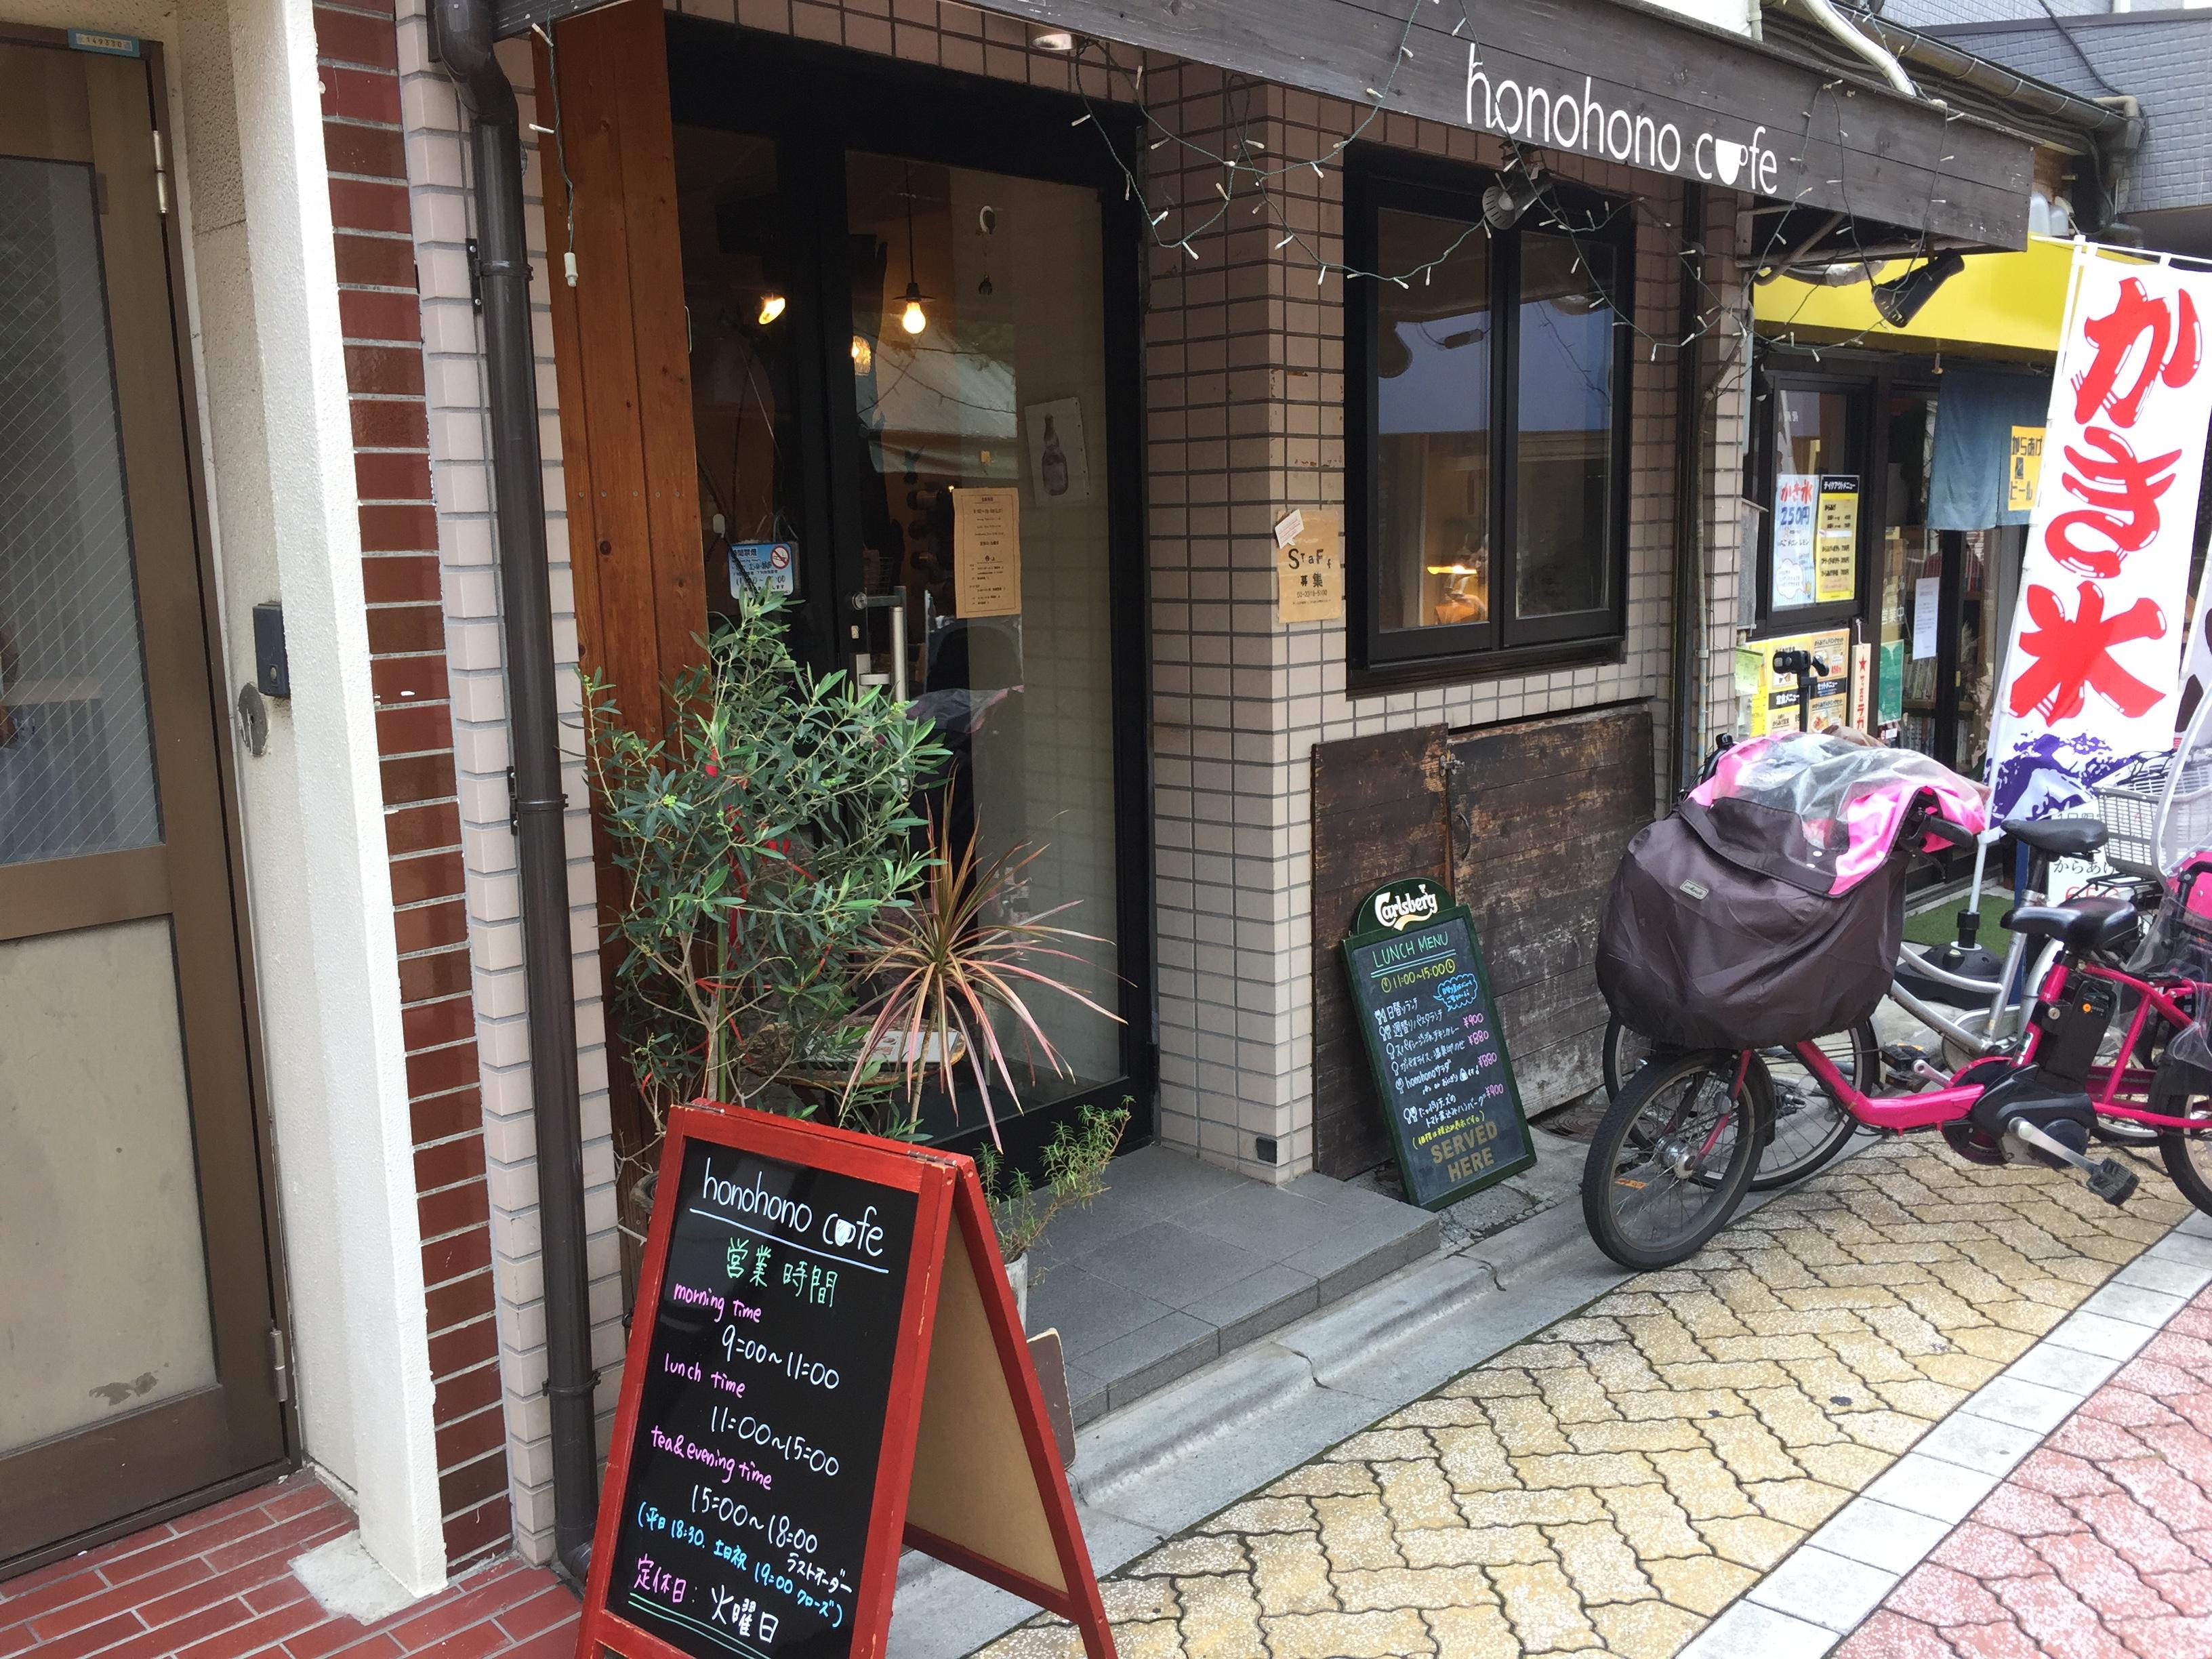 高円寺駅南口 電源カフェ honohono cafe(ホノホノカフェ)